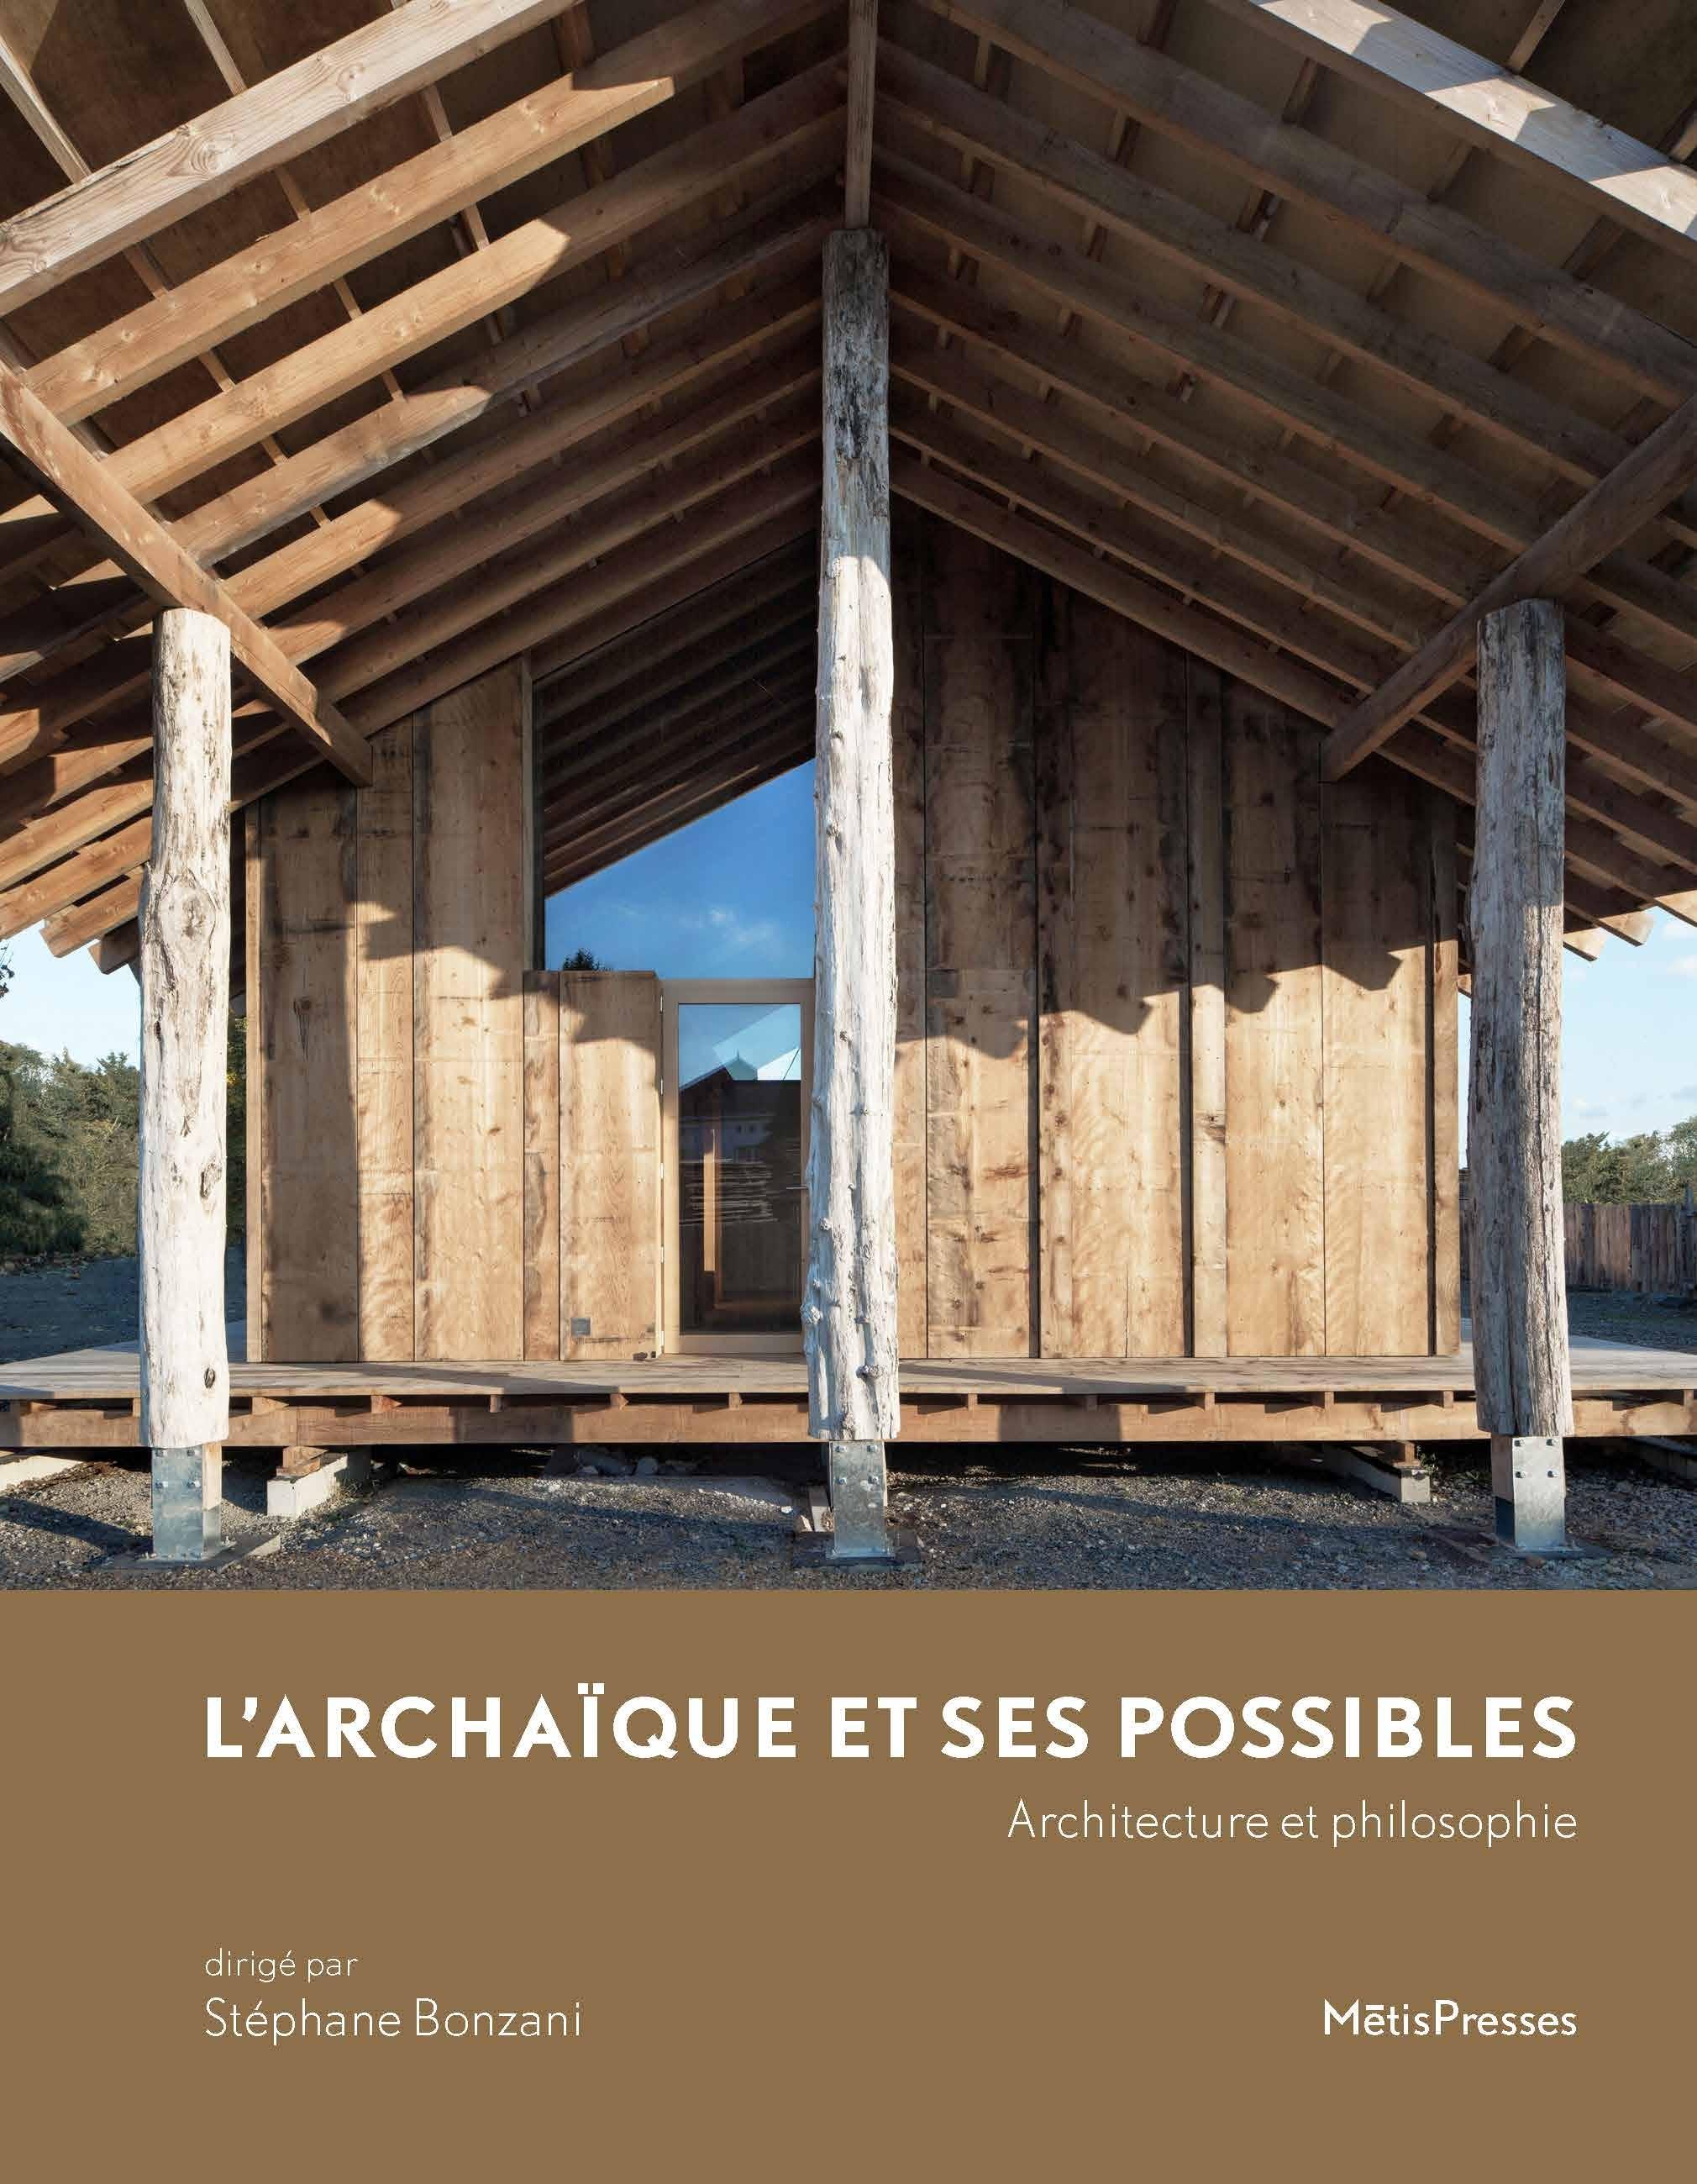 L' ARCHAIQUE ET SES POSSIBLE - ARCHITECTURE ET PHILOSOPHIE